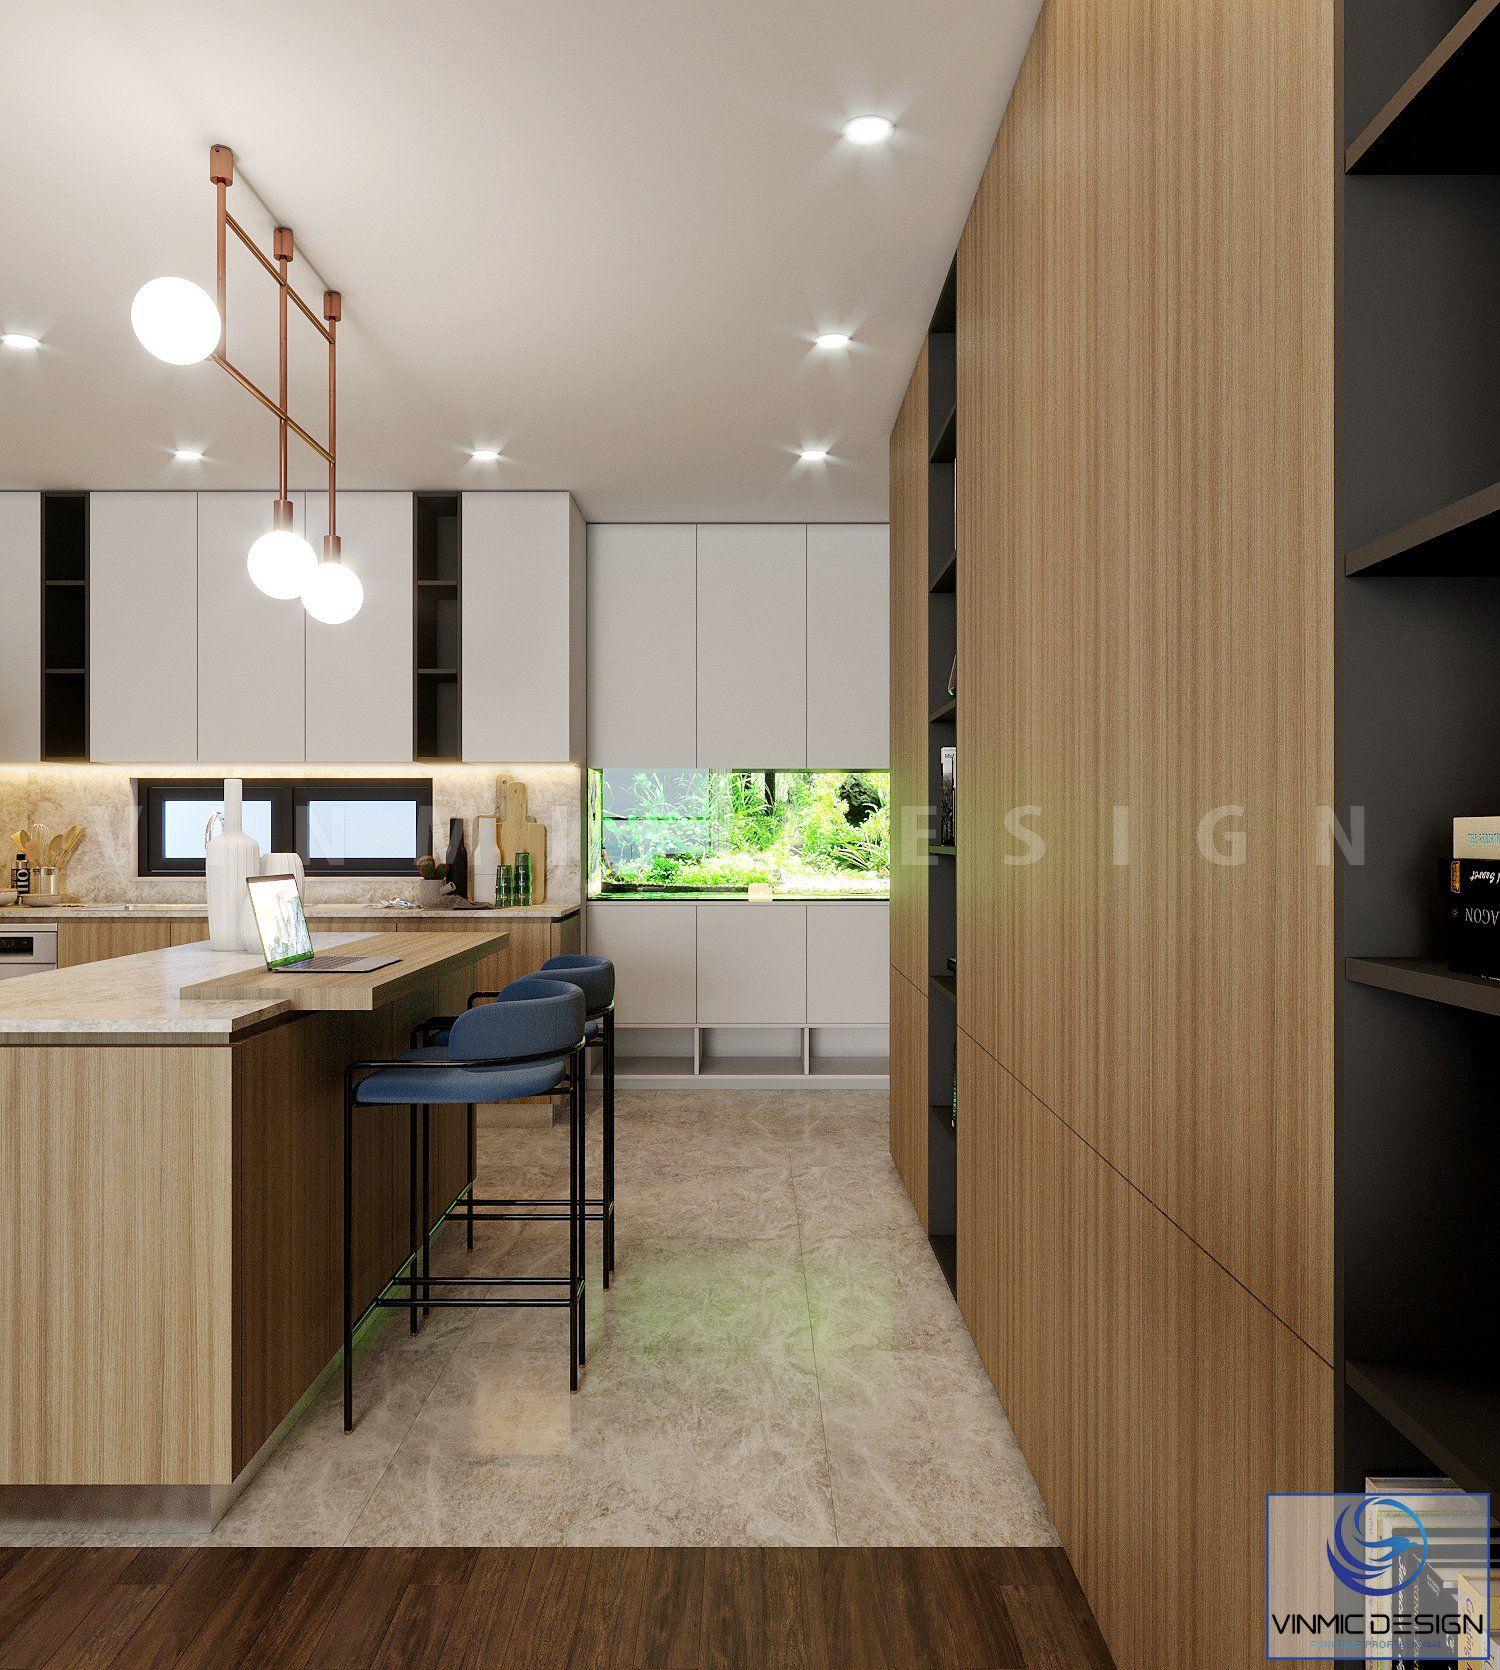 Một góc phòng bếp với cửa chính